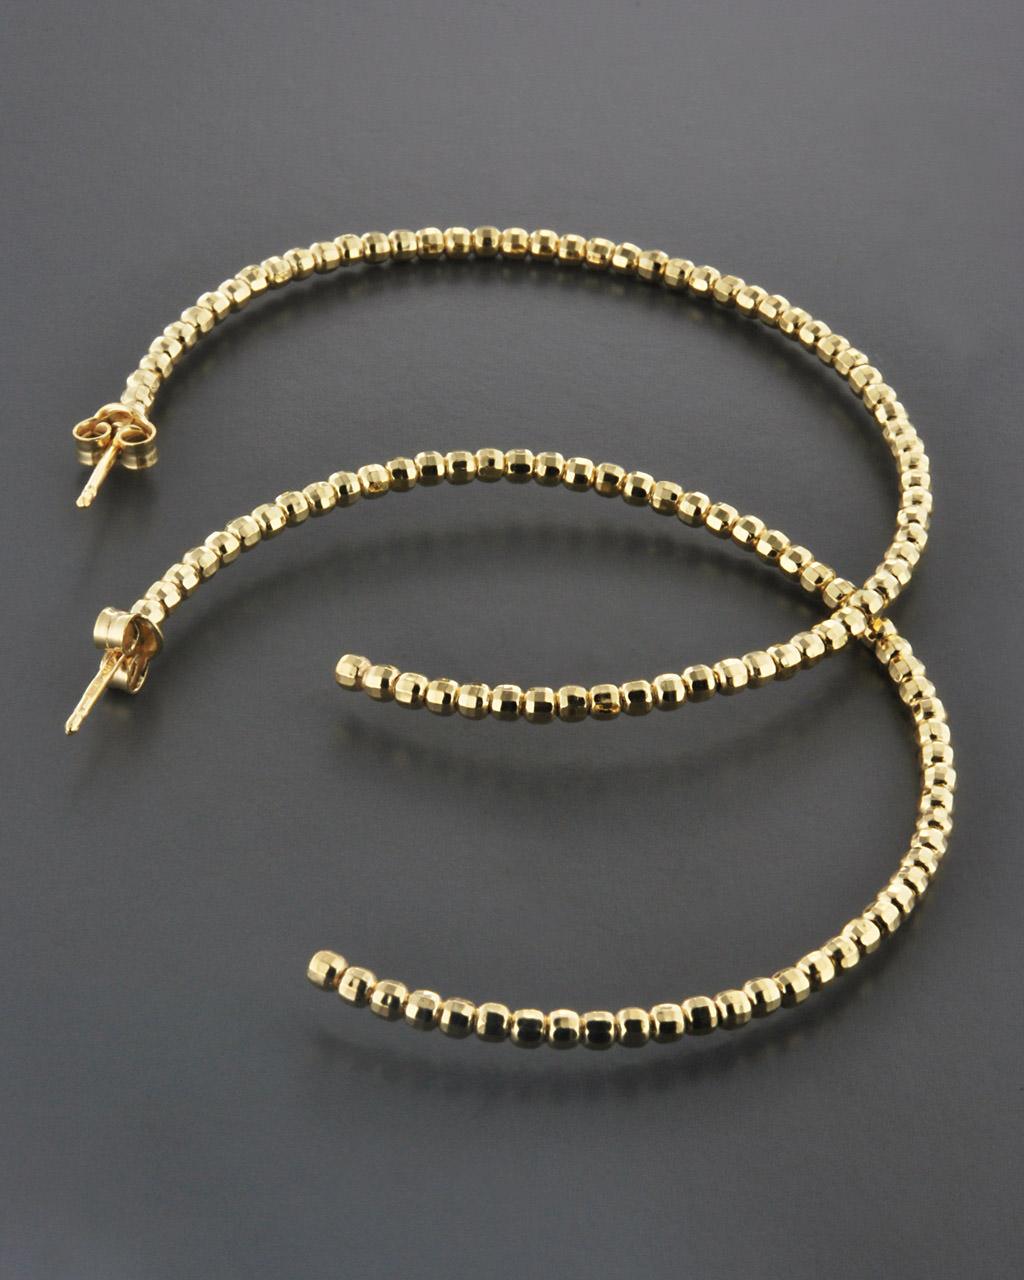 Σκουλαρίκια κρίκοι ασημένια 925   γυναικα σκουλαρίκια σκουλαρίκια κρίκοι